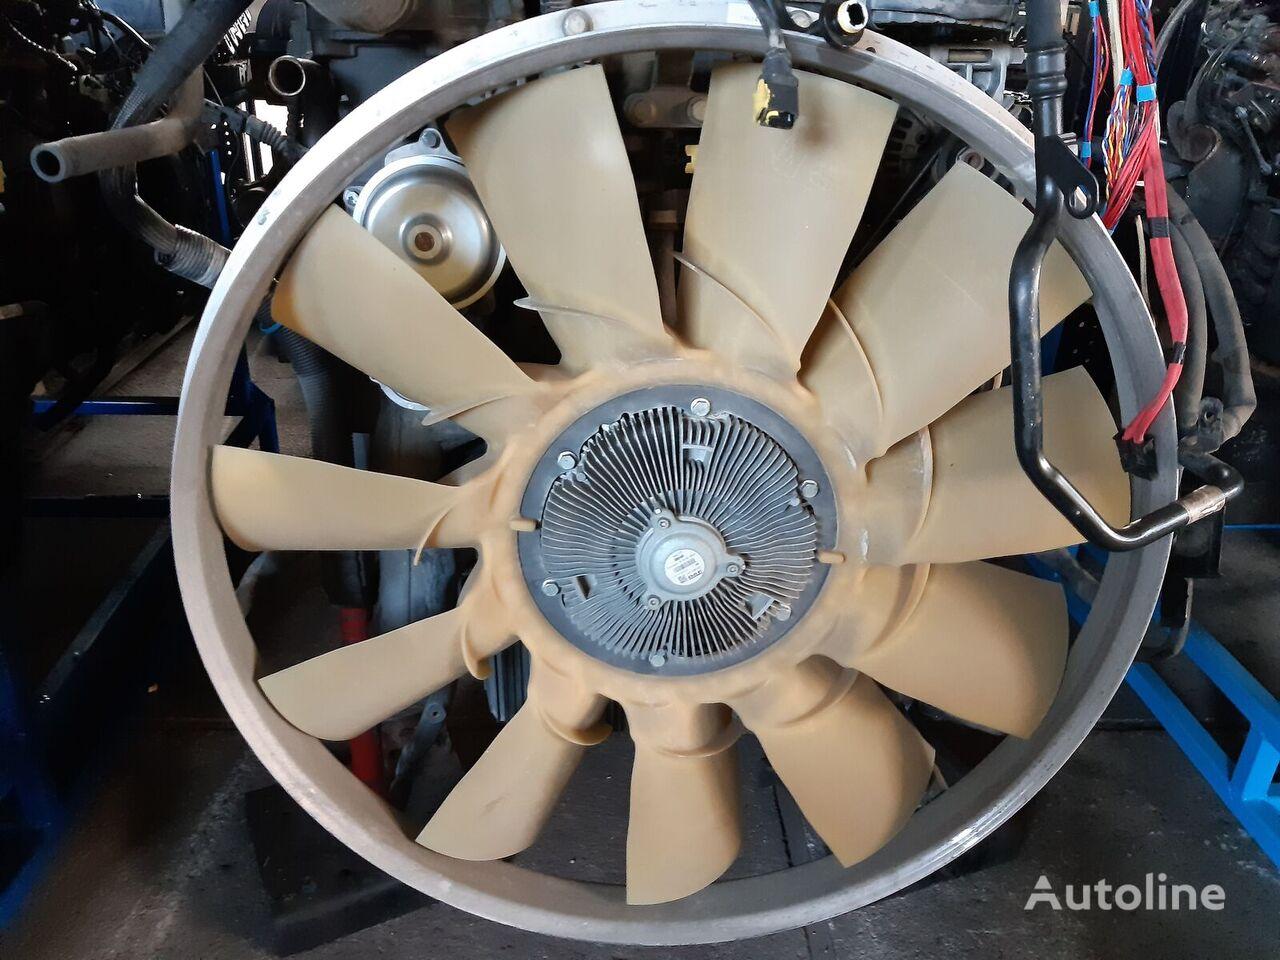 DAF (1910612) ventilador de refrigeración para DAF XF 106 tractora